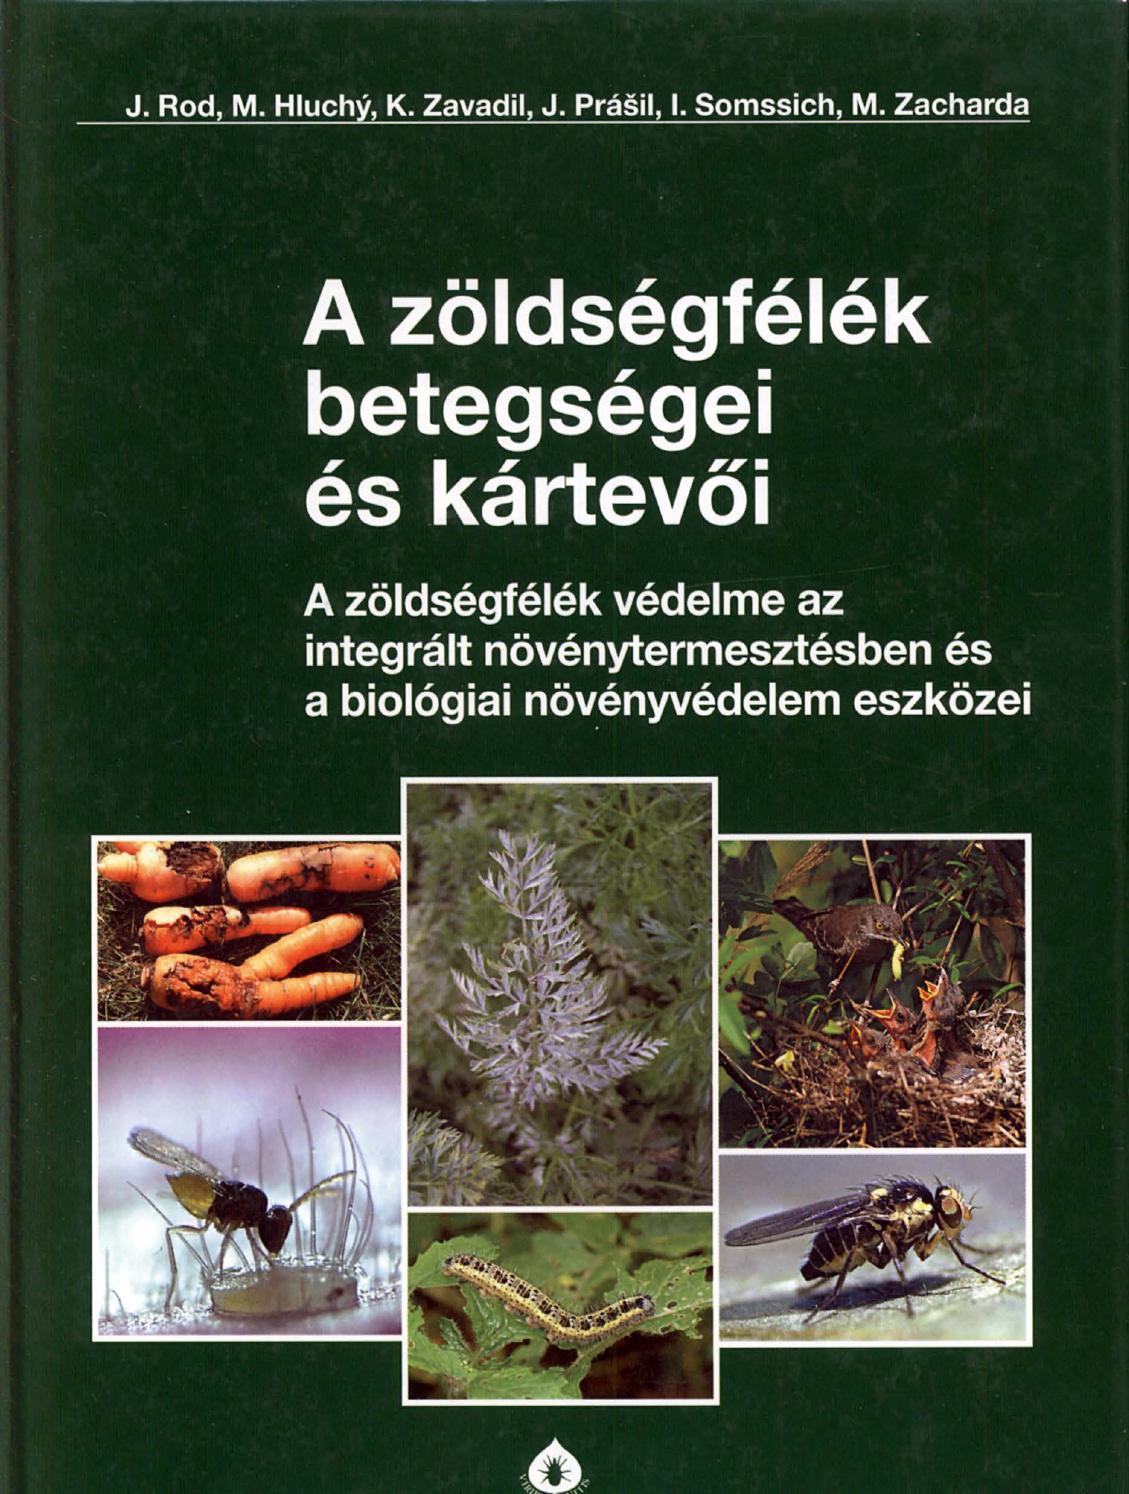 Az õszi búza kártevõi és betegségei - Agro Napló - A mezőgazdasági hírportál